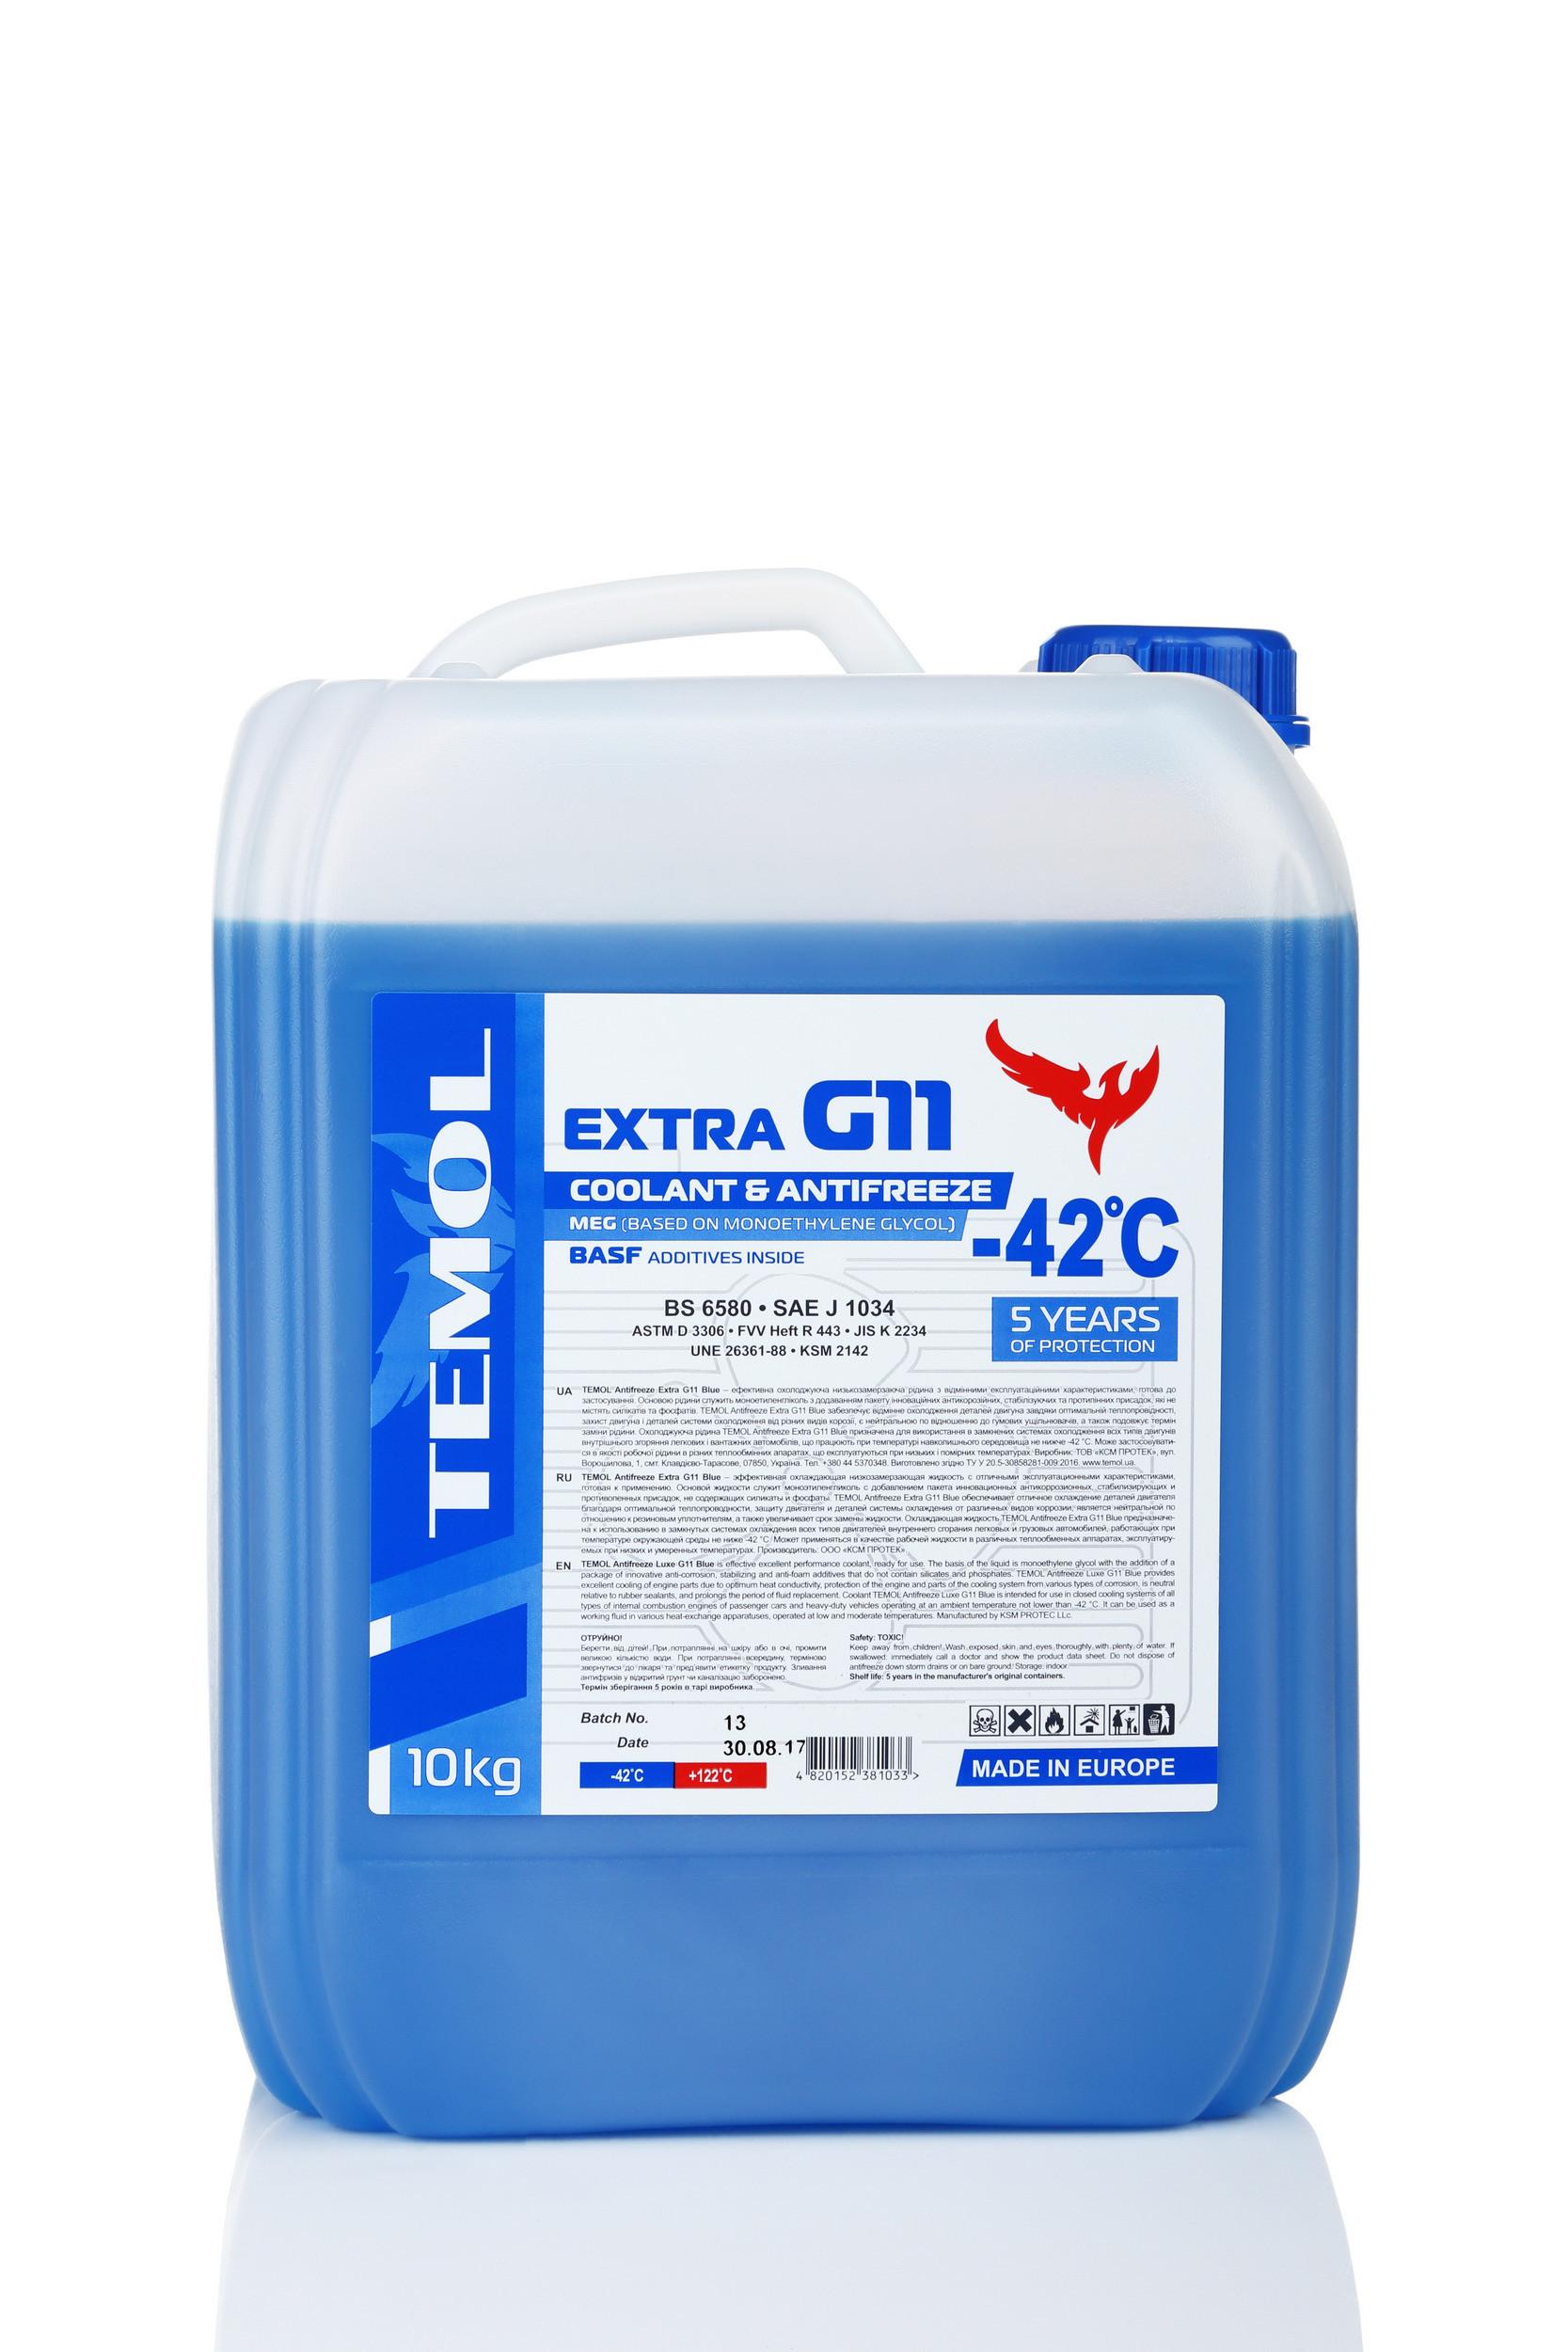 TEMOL ANTIFREEZE EXTRA G11 BLUE - 10L - Temol, официальный интернет-магазин